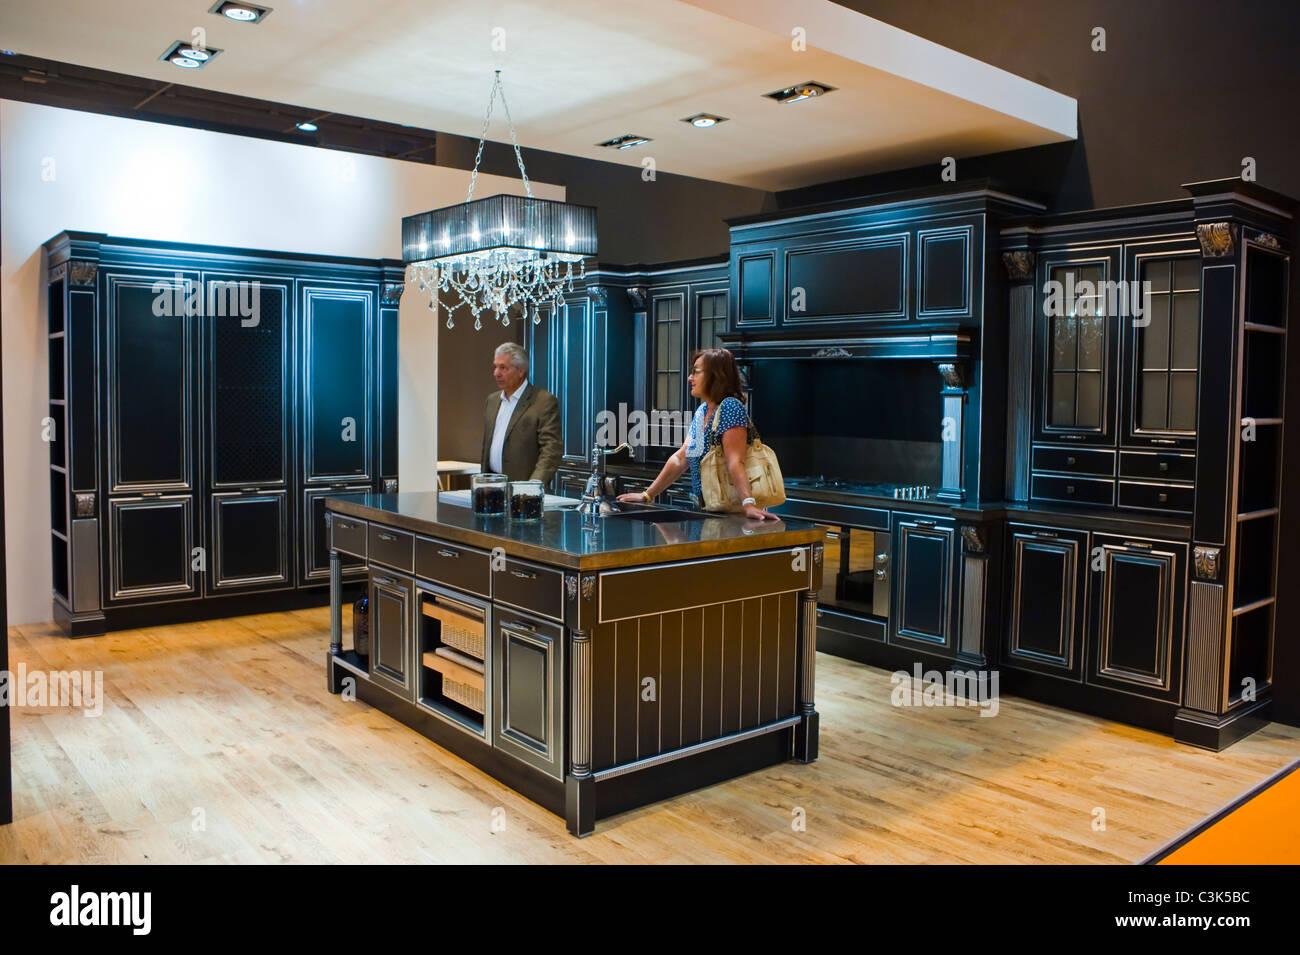 Parigi, Francia, giovane visitando il lusso cucine moderne ...